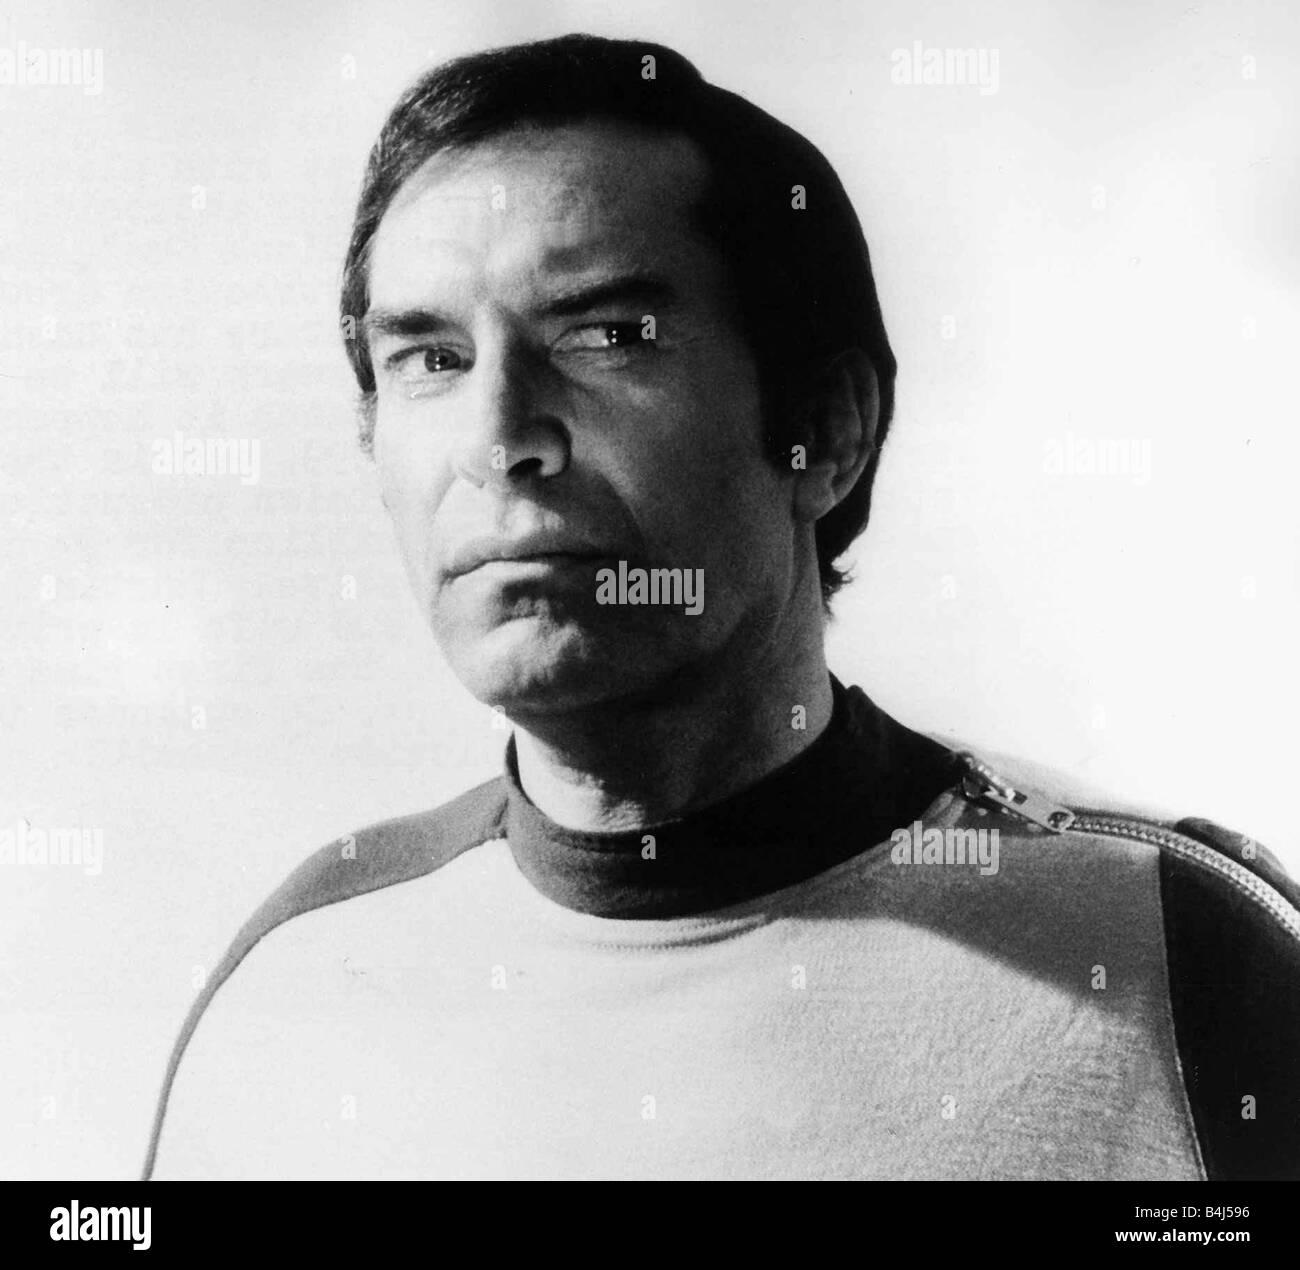 Actor Martin Landau in tv programme Space 1999 1977 - Stock Image